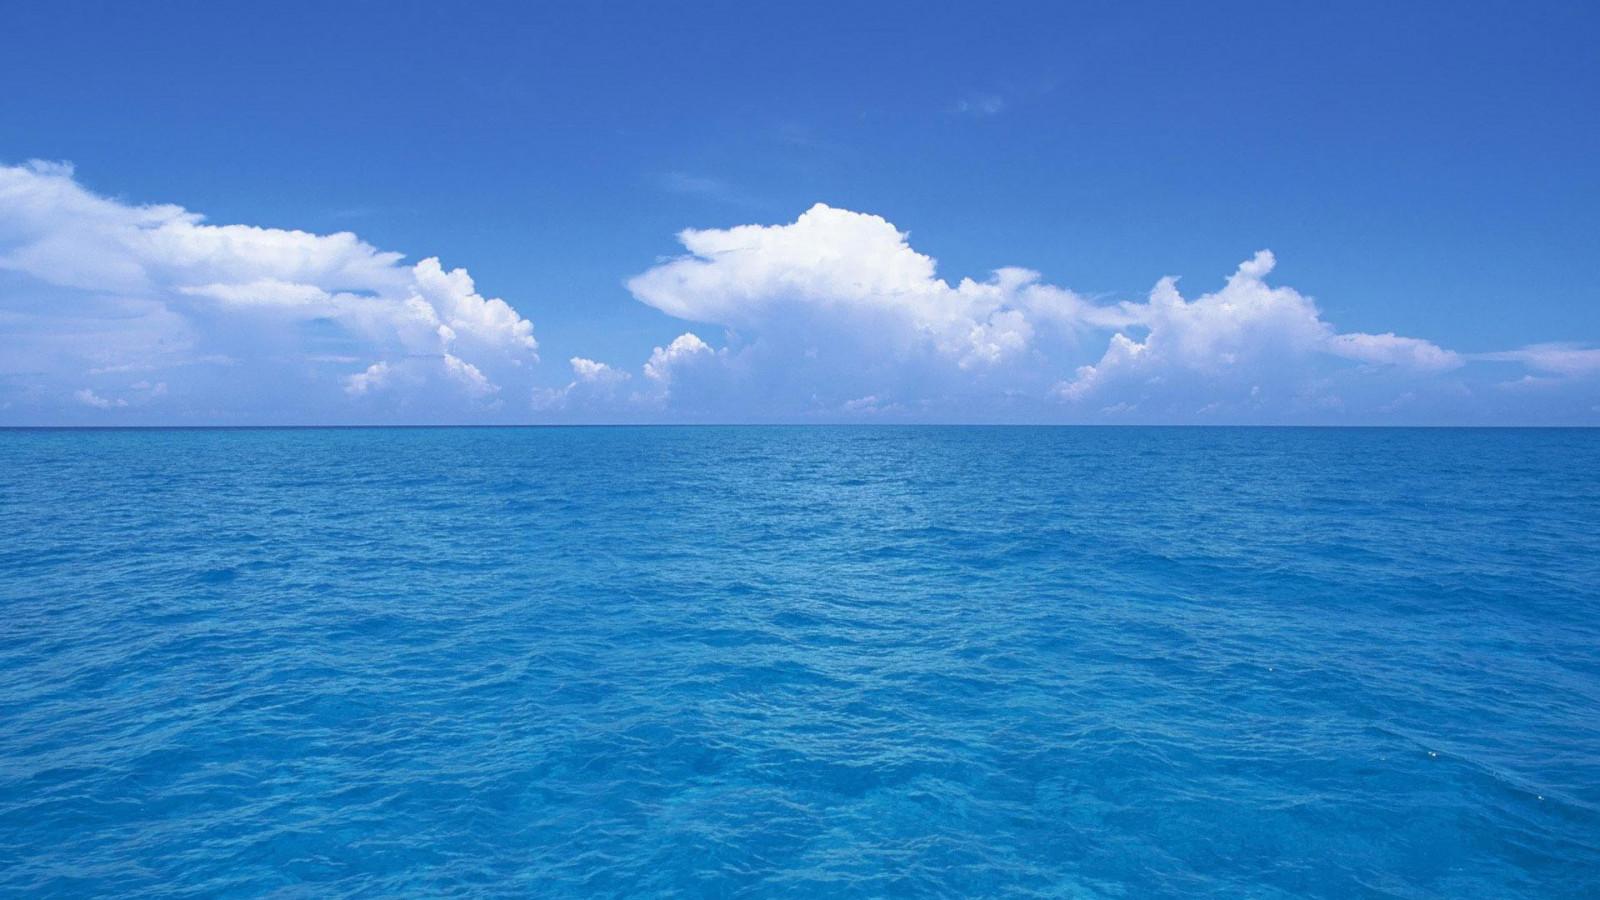 грудь маленького качественное фото красивого моря видео